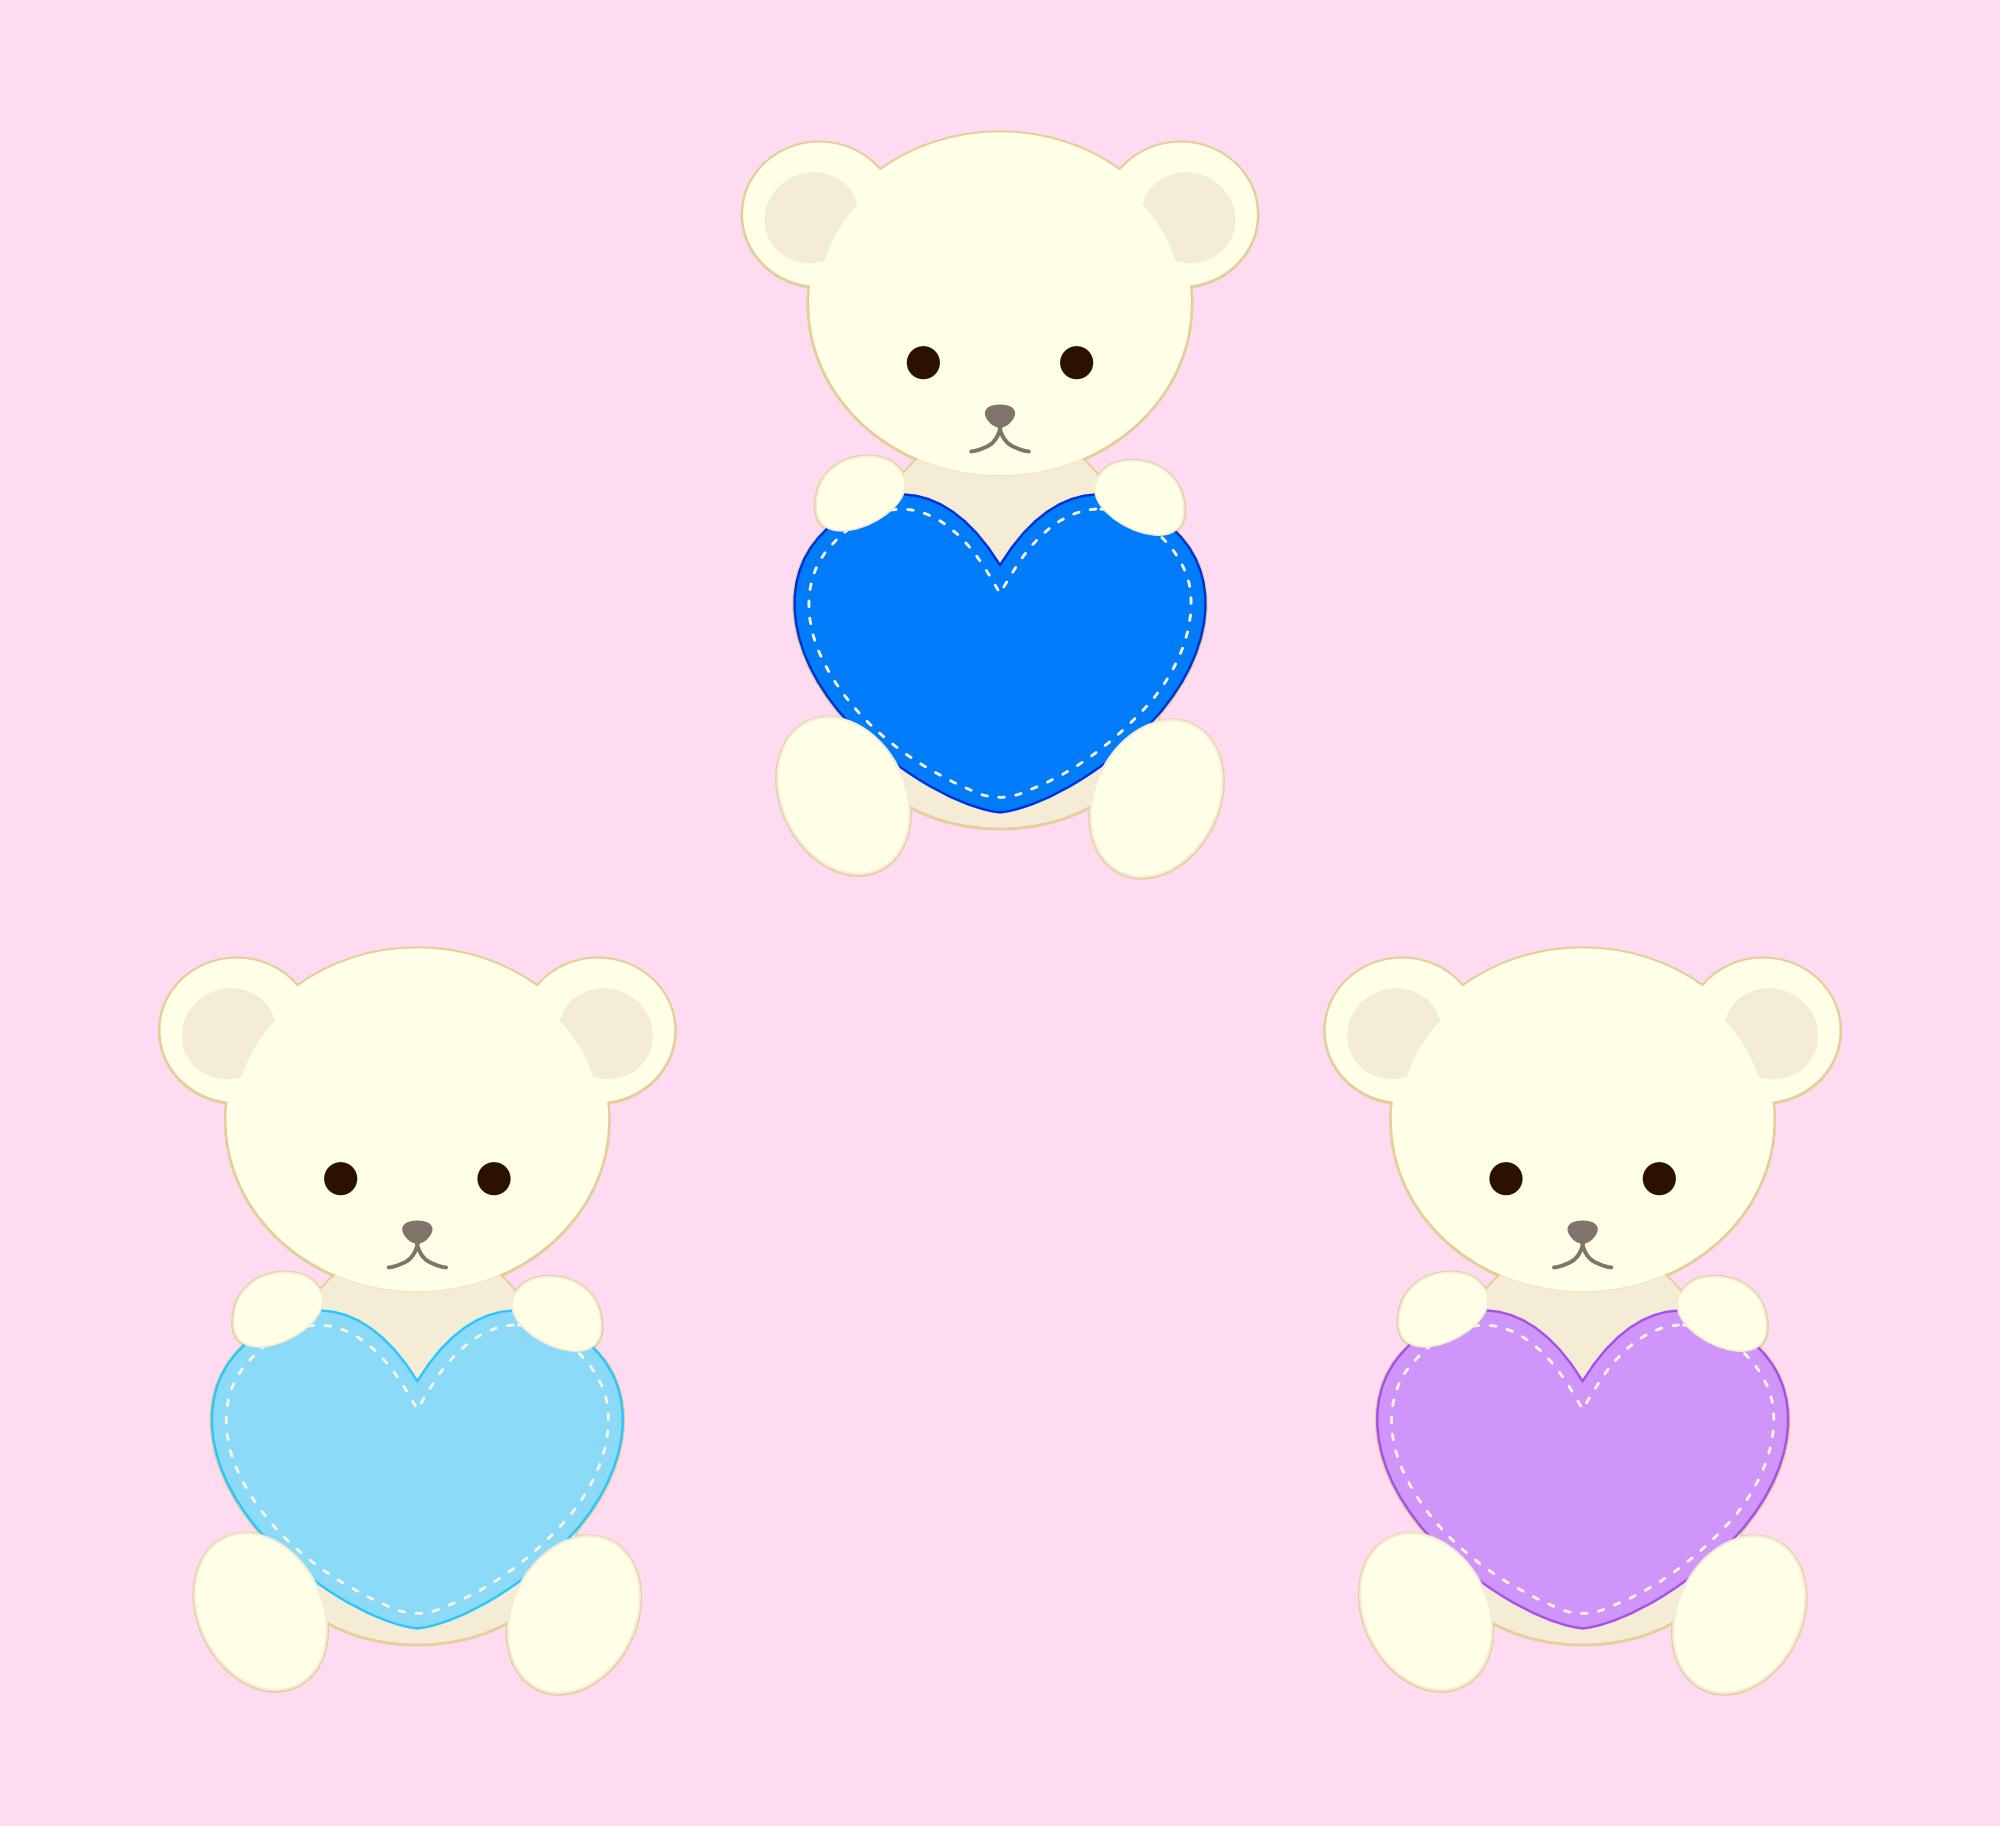 テディベアとハートのイラスト素材 白クマ : ハートの素材屋